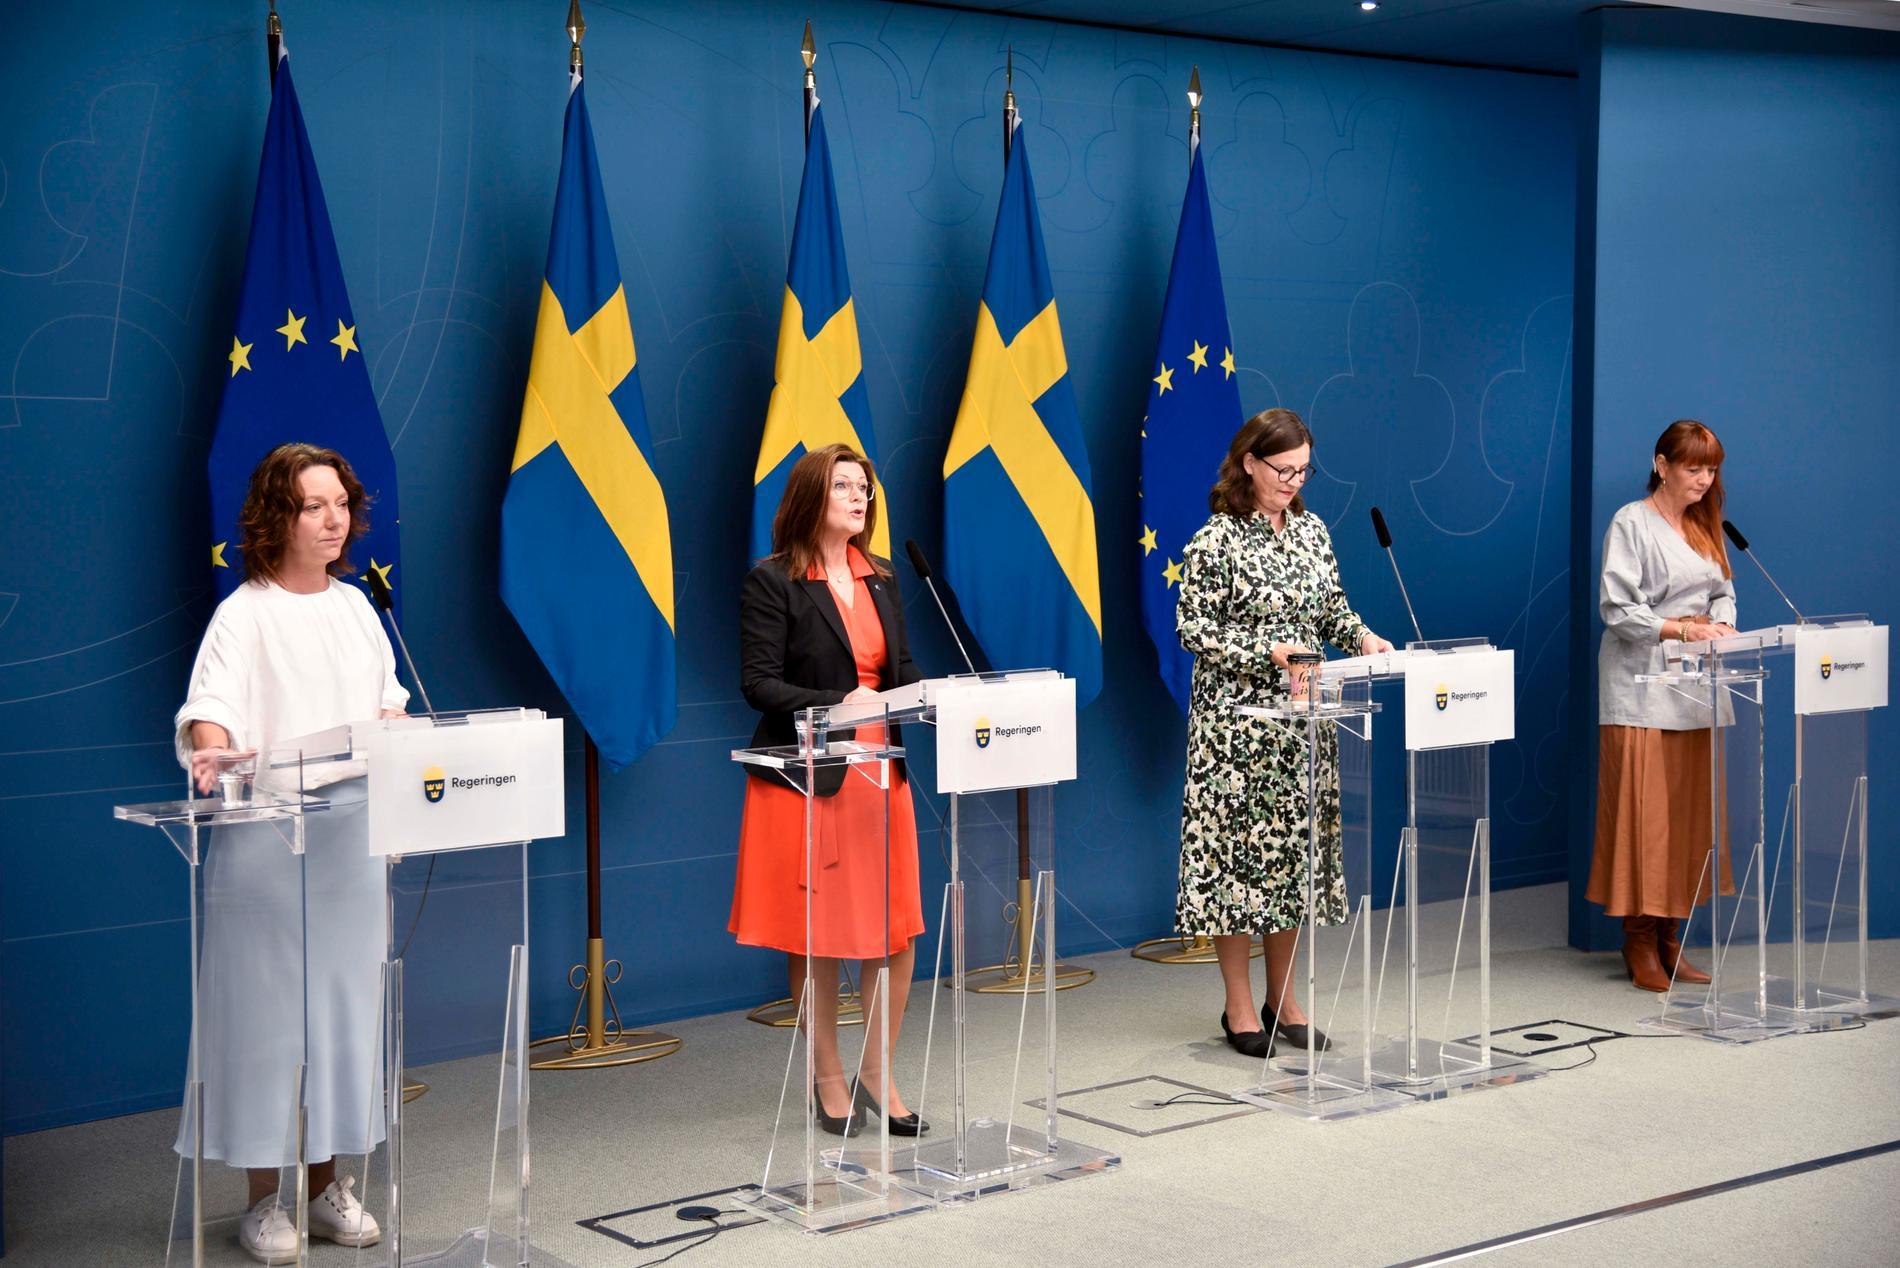 Matilda Ernkrans, Eva Nordmark, Anna Ekström och Marie Nilsson presenterar presenterar budgetens jobbsatsning.